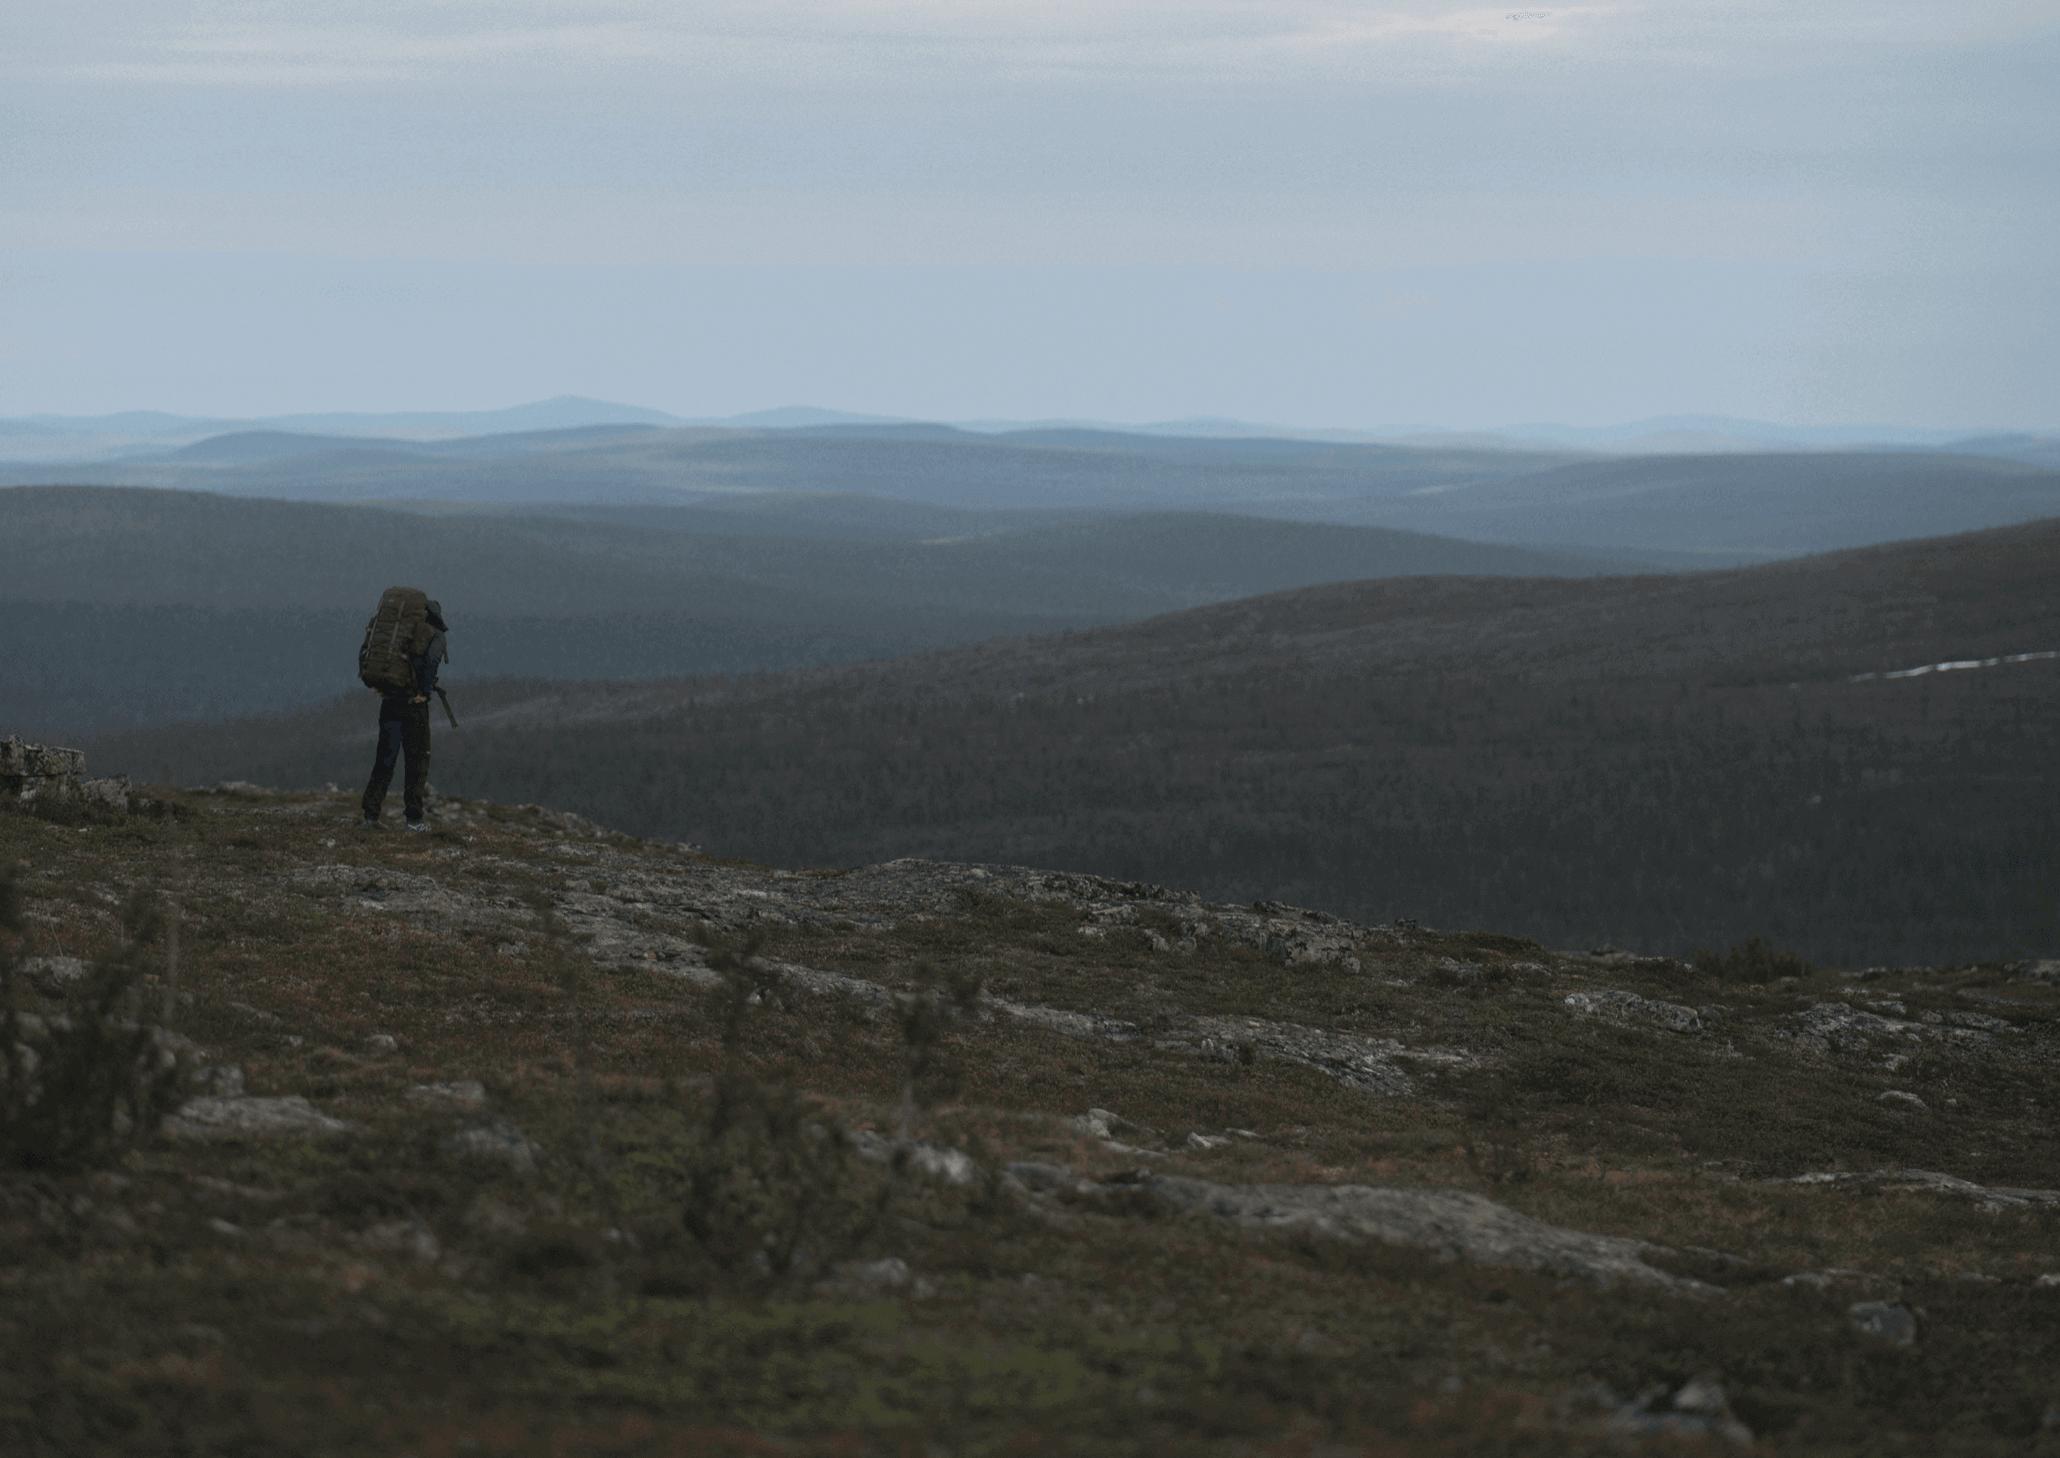 過酷な自然環境が生み出したフィンランドデザイン 〜 Savottaへの考察 〜